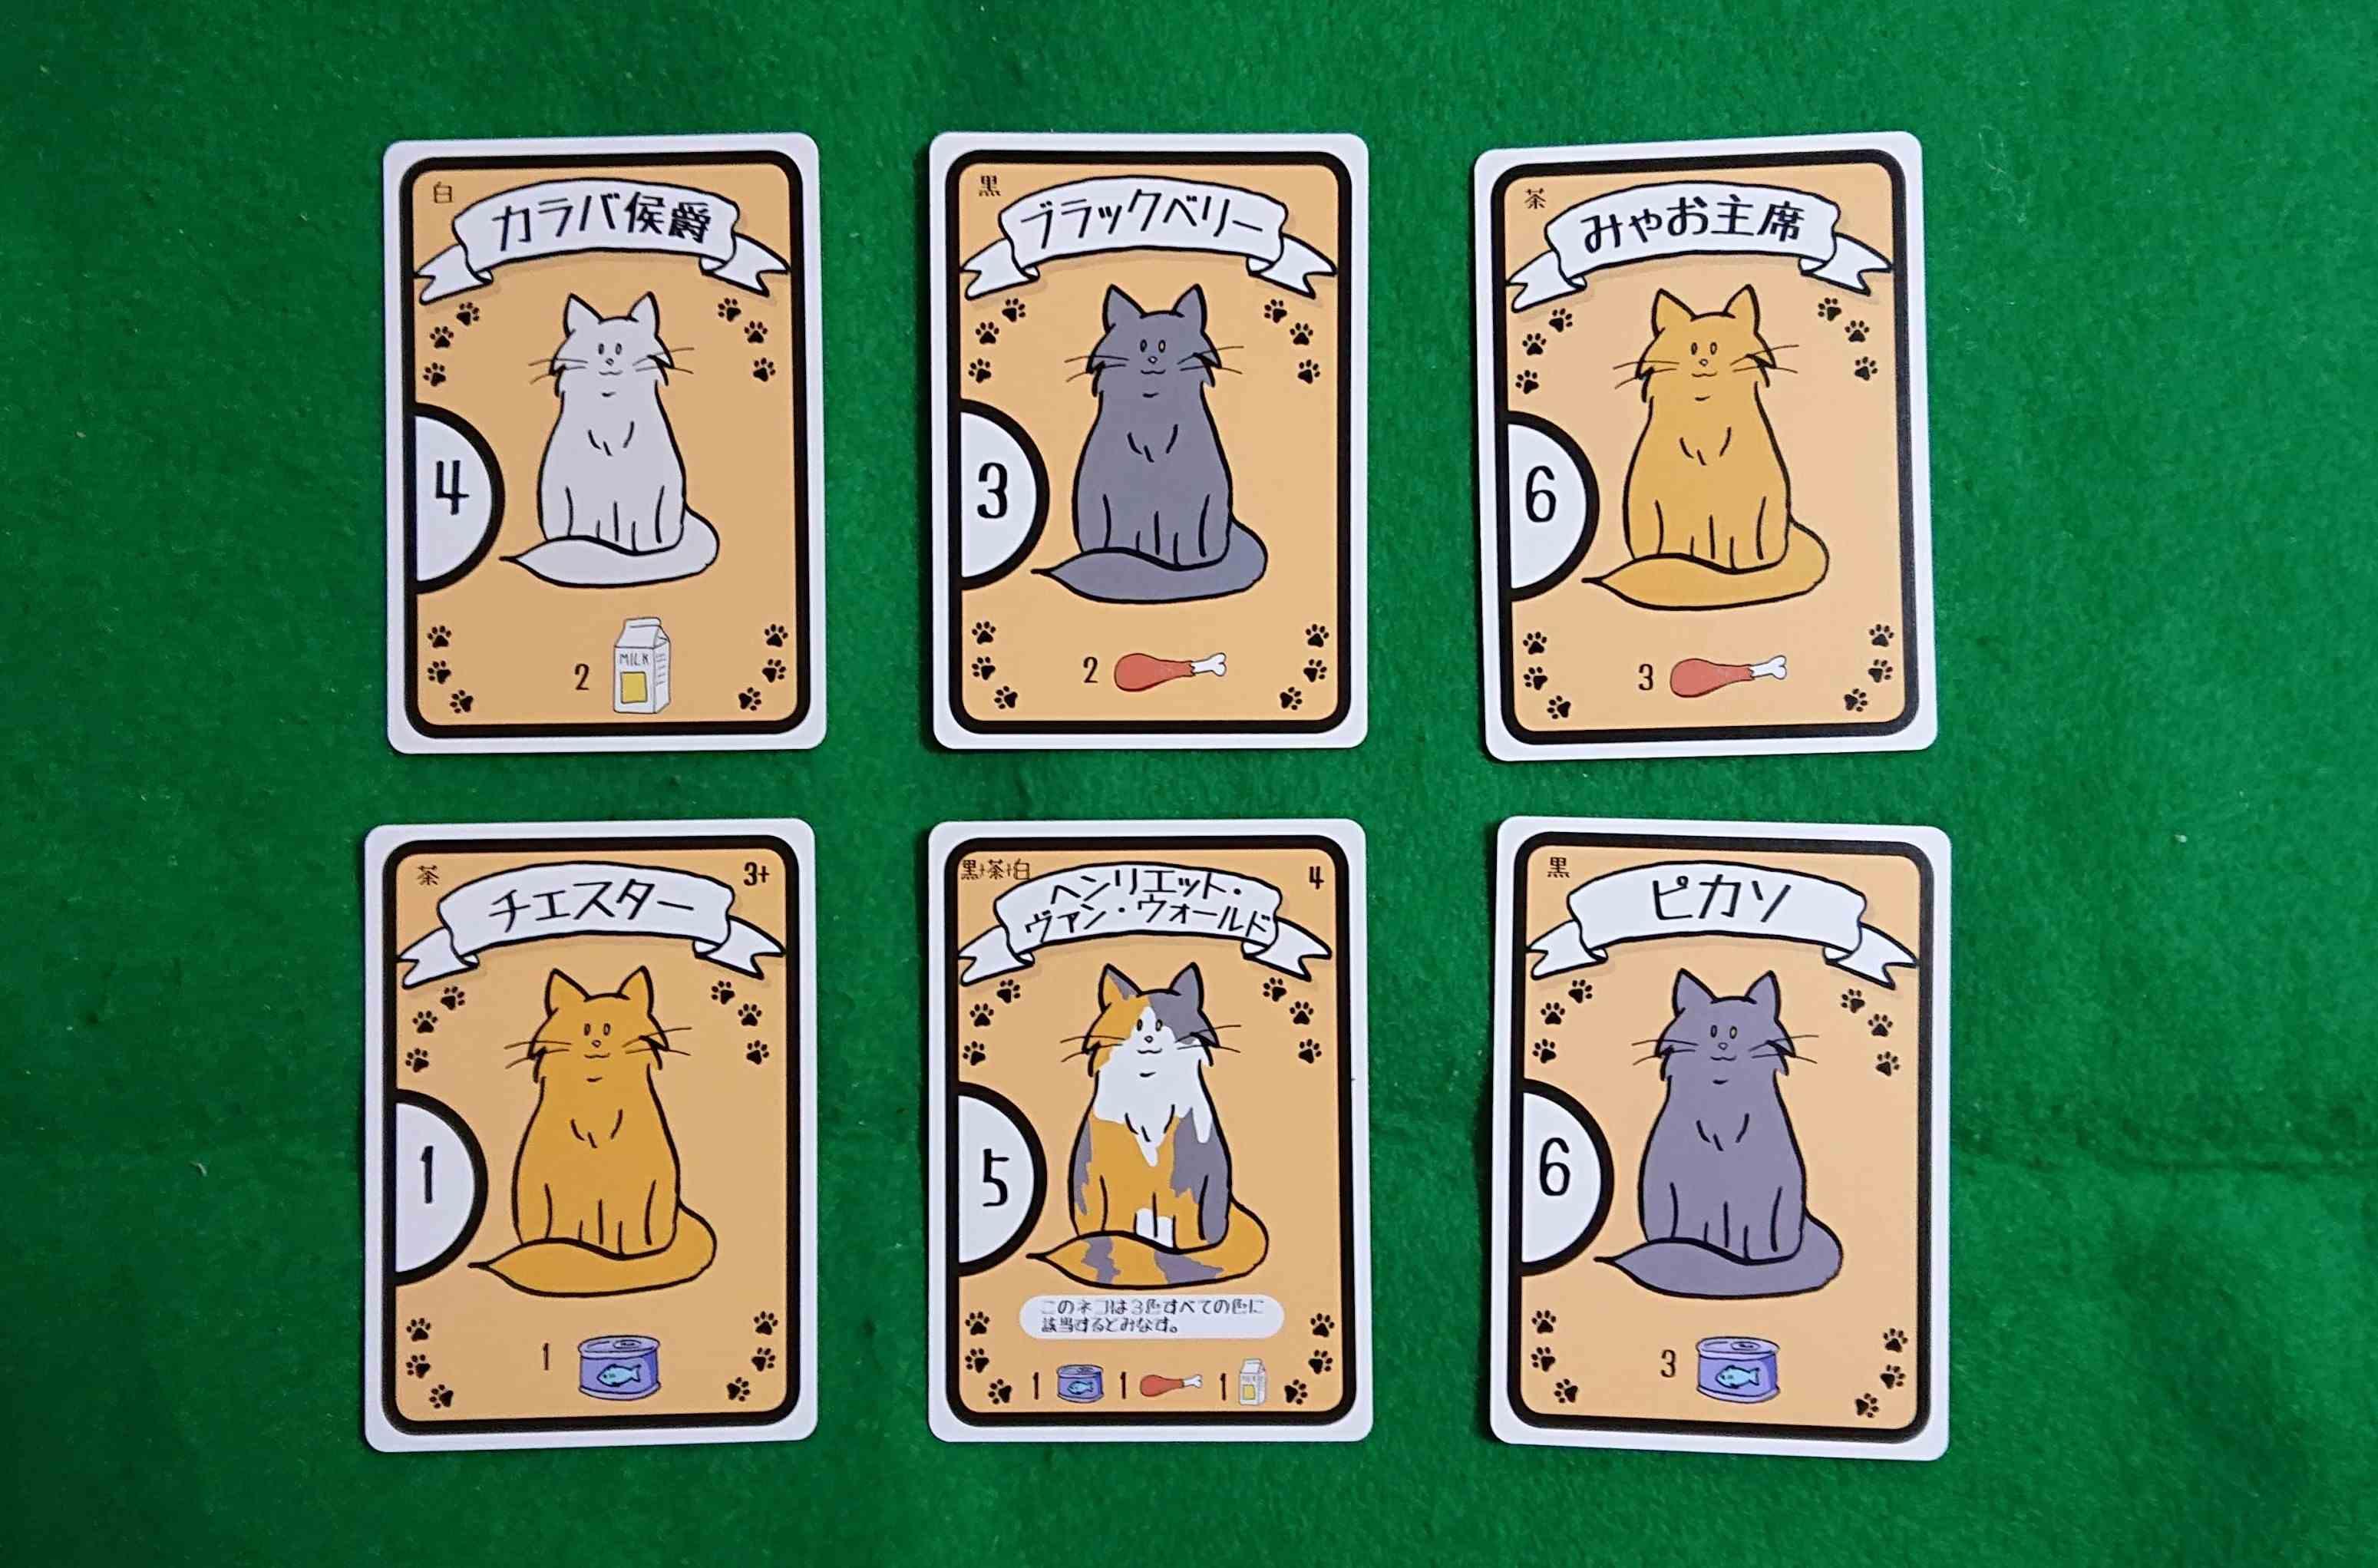 とるネコ 猫好きな方はぜひ! セットコレクション系カードゲーム ボードゲーム